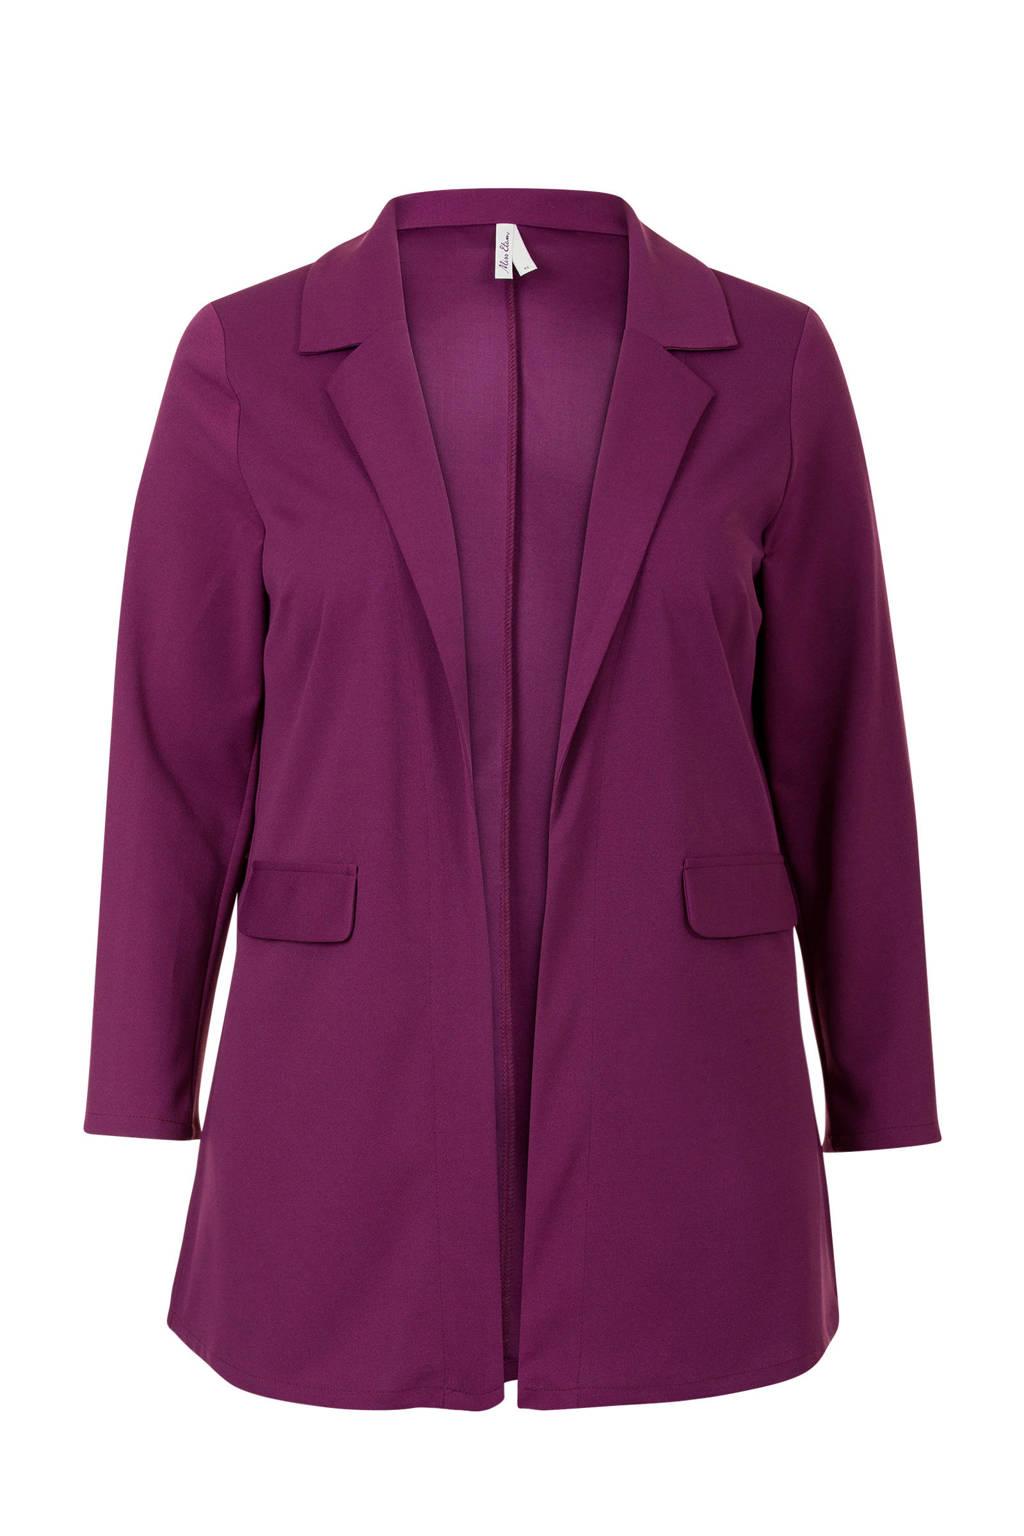 Miss Etam Plus blazer paars, Paars